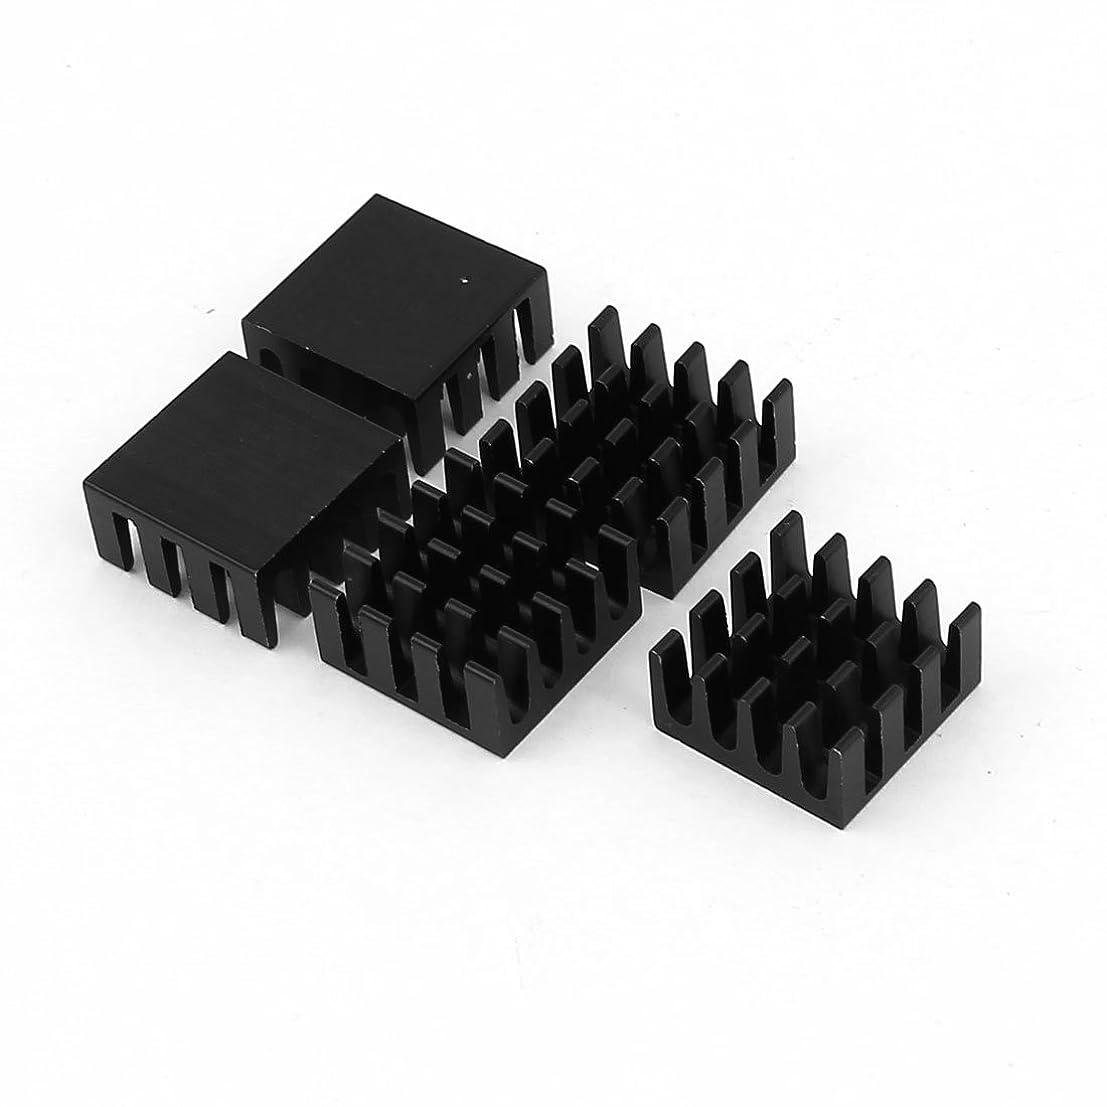 uxcell 5 Pcs Black Aluminum Radiator Heat Sink Heatsink 14x14x7mm